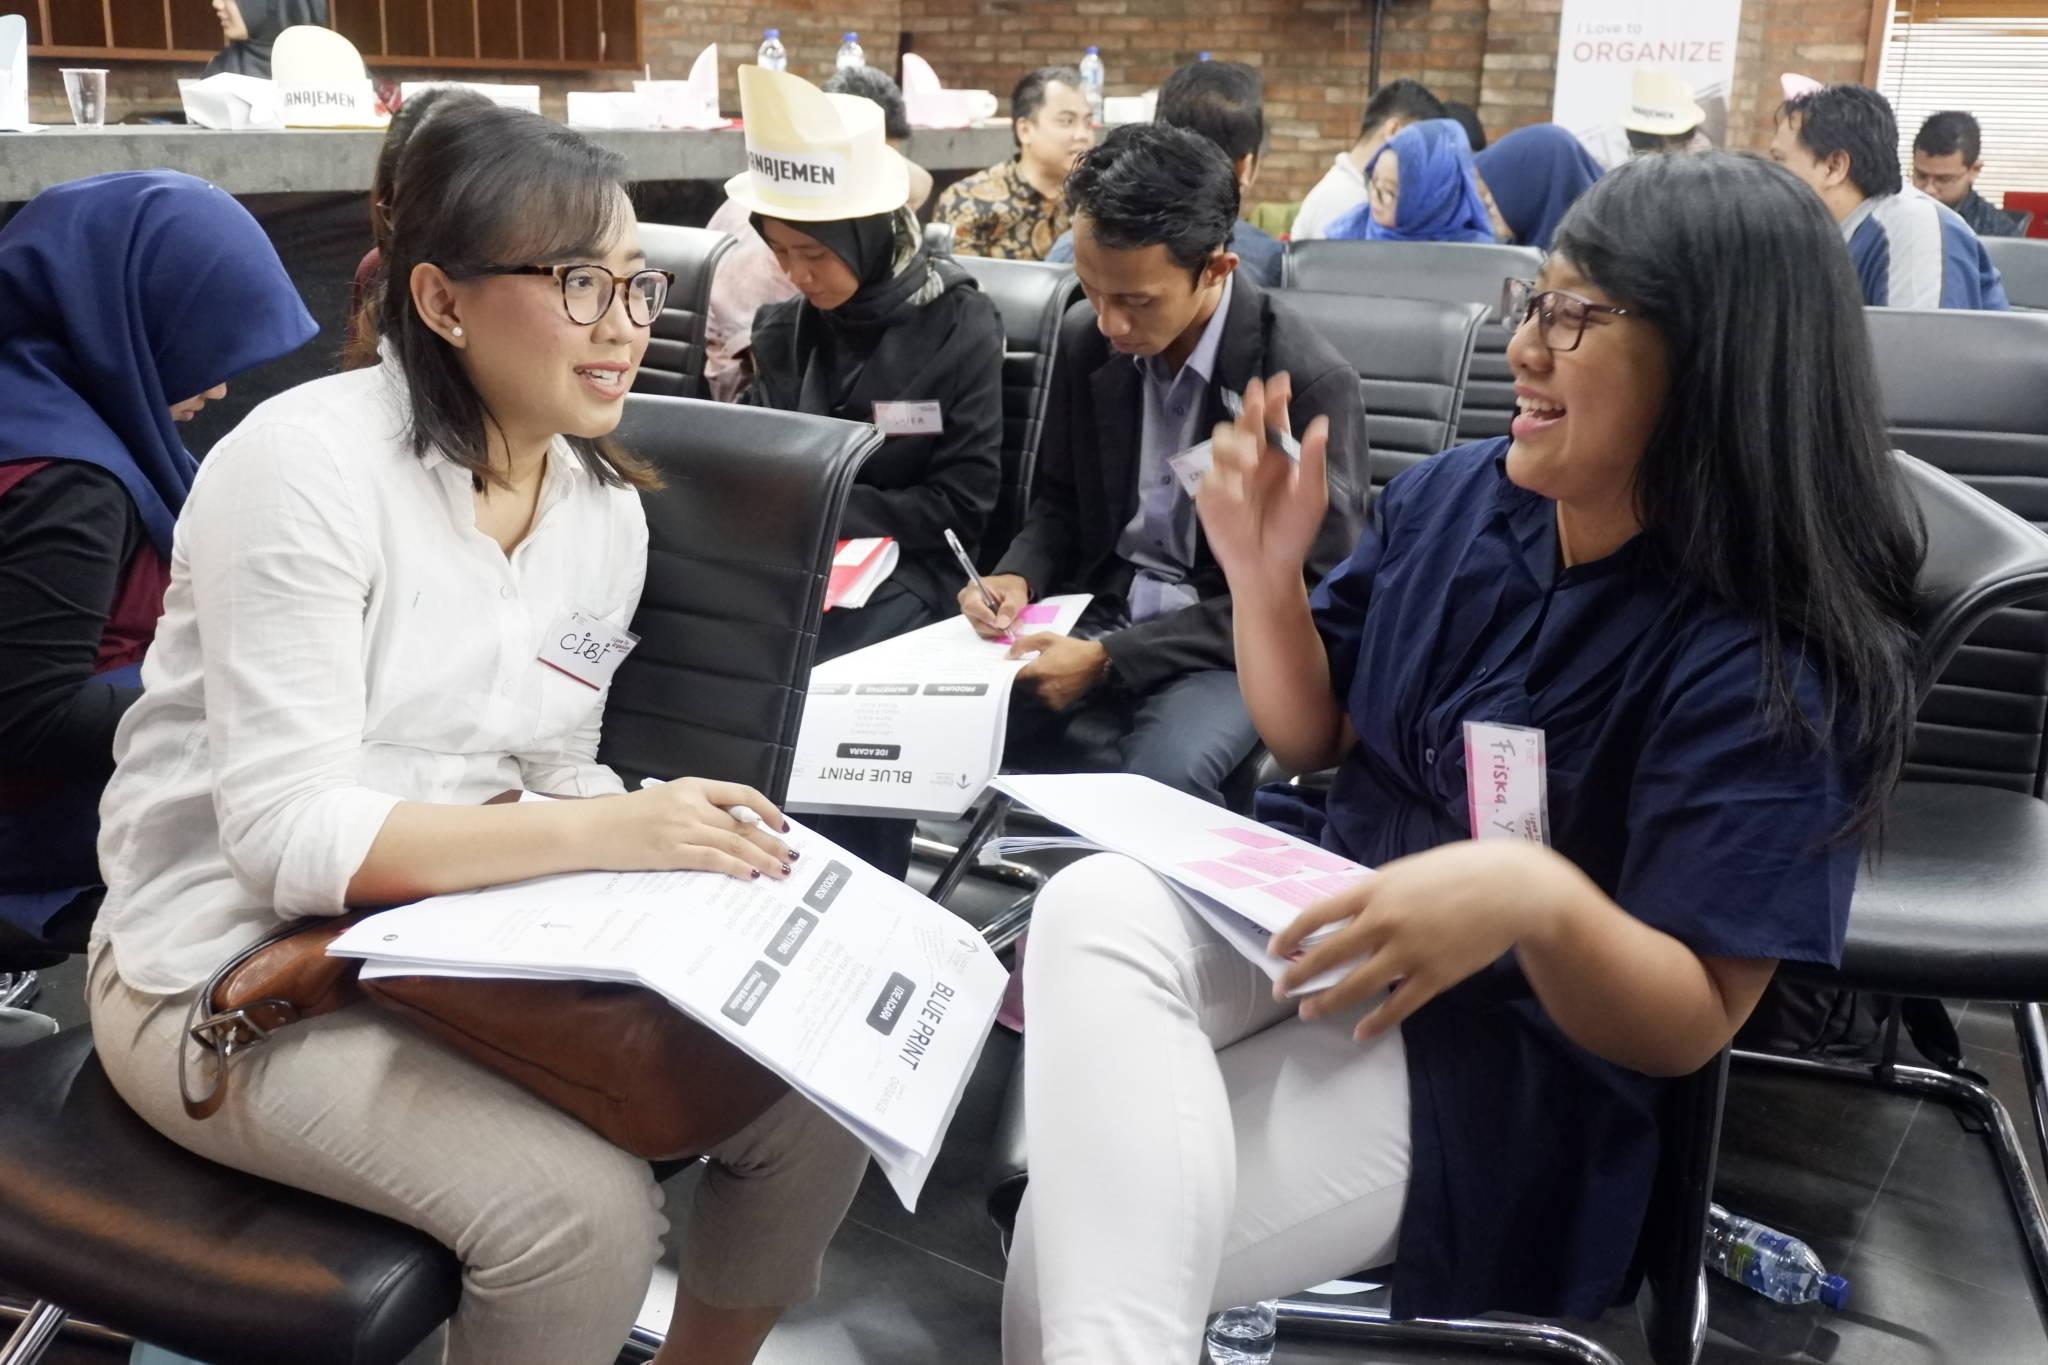 Cara Cerdas Menaklukkan Hati Konsumen pada Pertemuan Pertama - Corporate Training Indonesia